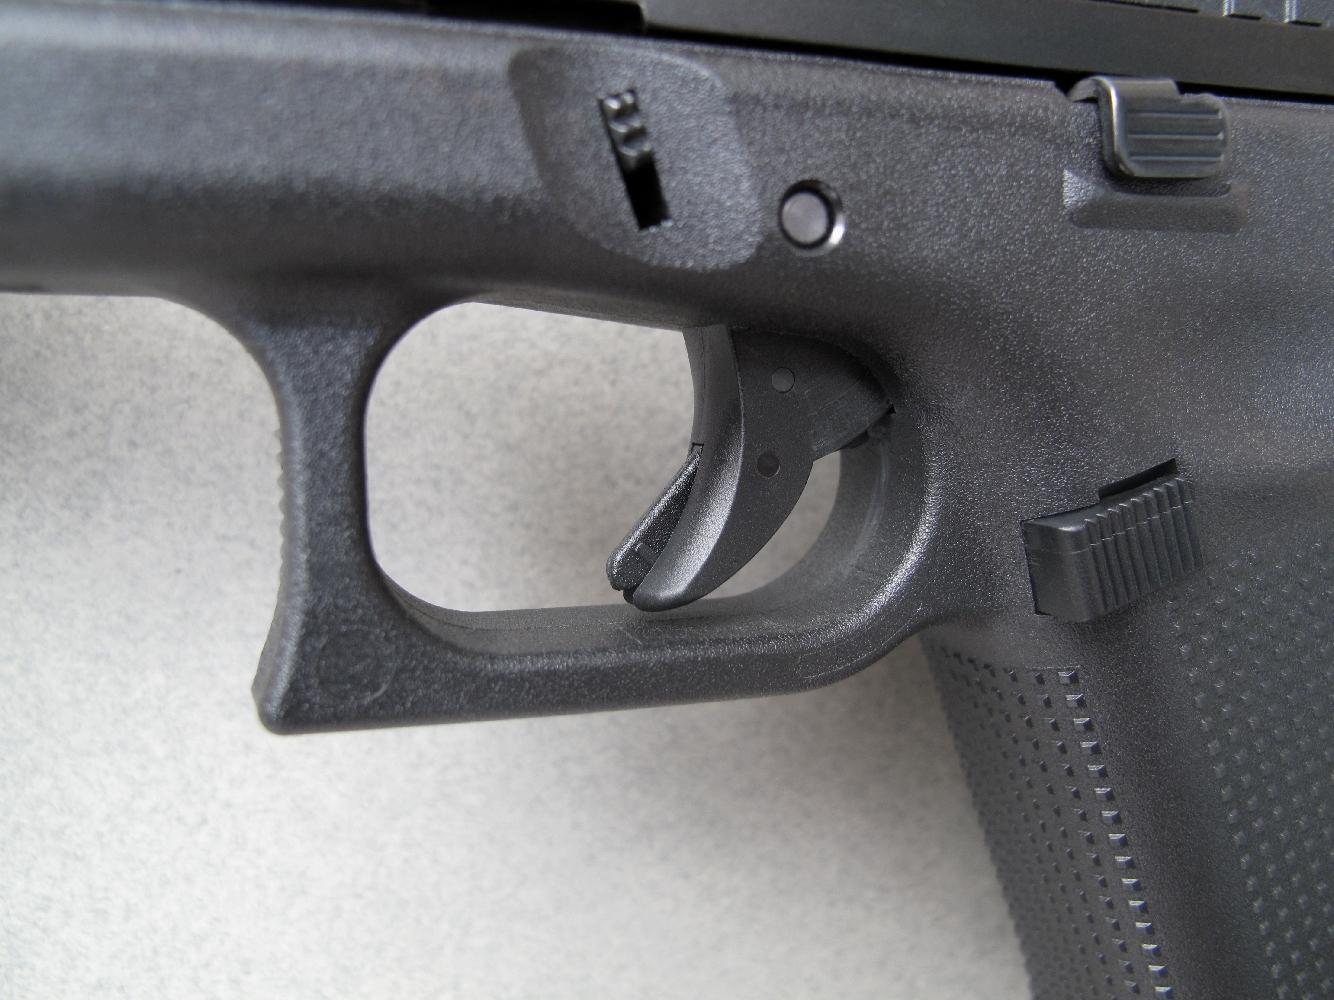 Le G44 hérite de la platine Safe Action qui a largement contribué au succès des pistolets Glock. Le fait que la queue de détente soit, comme ici, en position avancée implique que le mécanisme est obligatoirement armé.